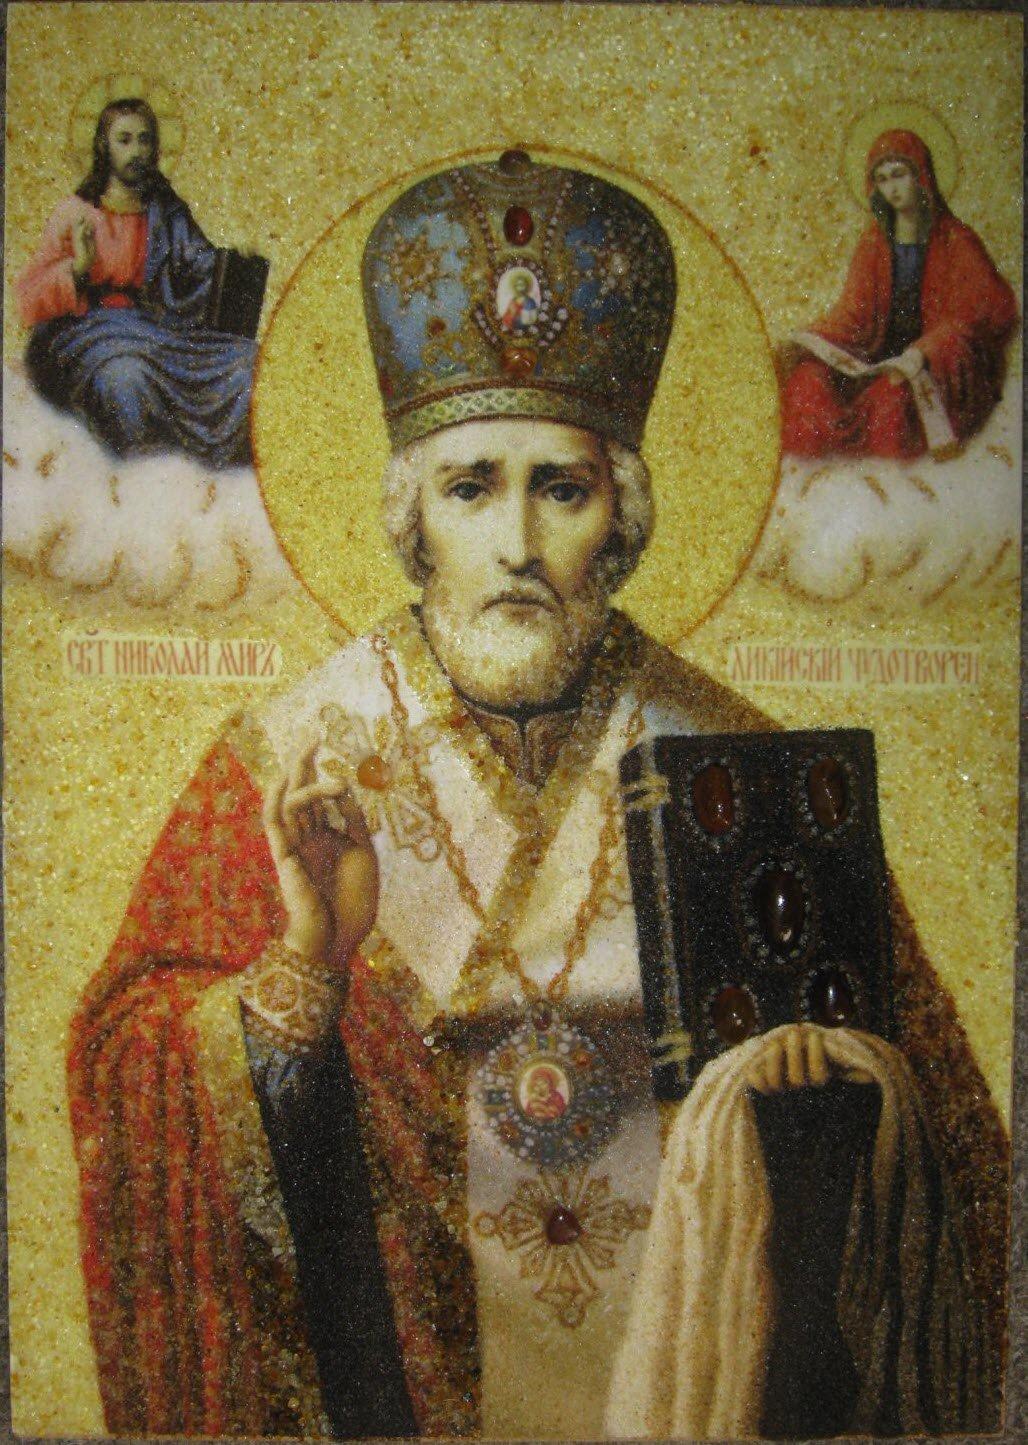 Вчені дослідять, чи усі відомі мощі святого Миколая є автентичними